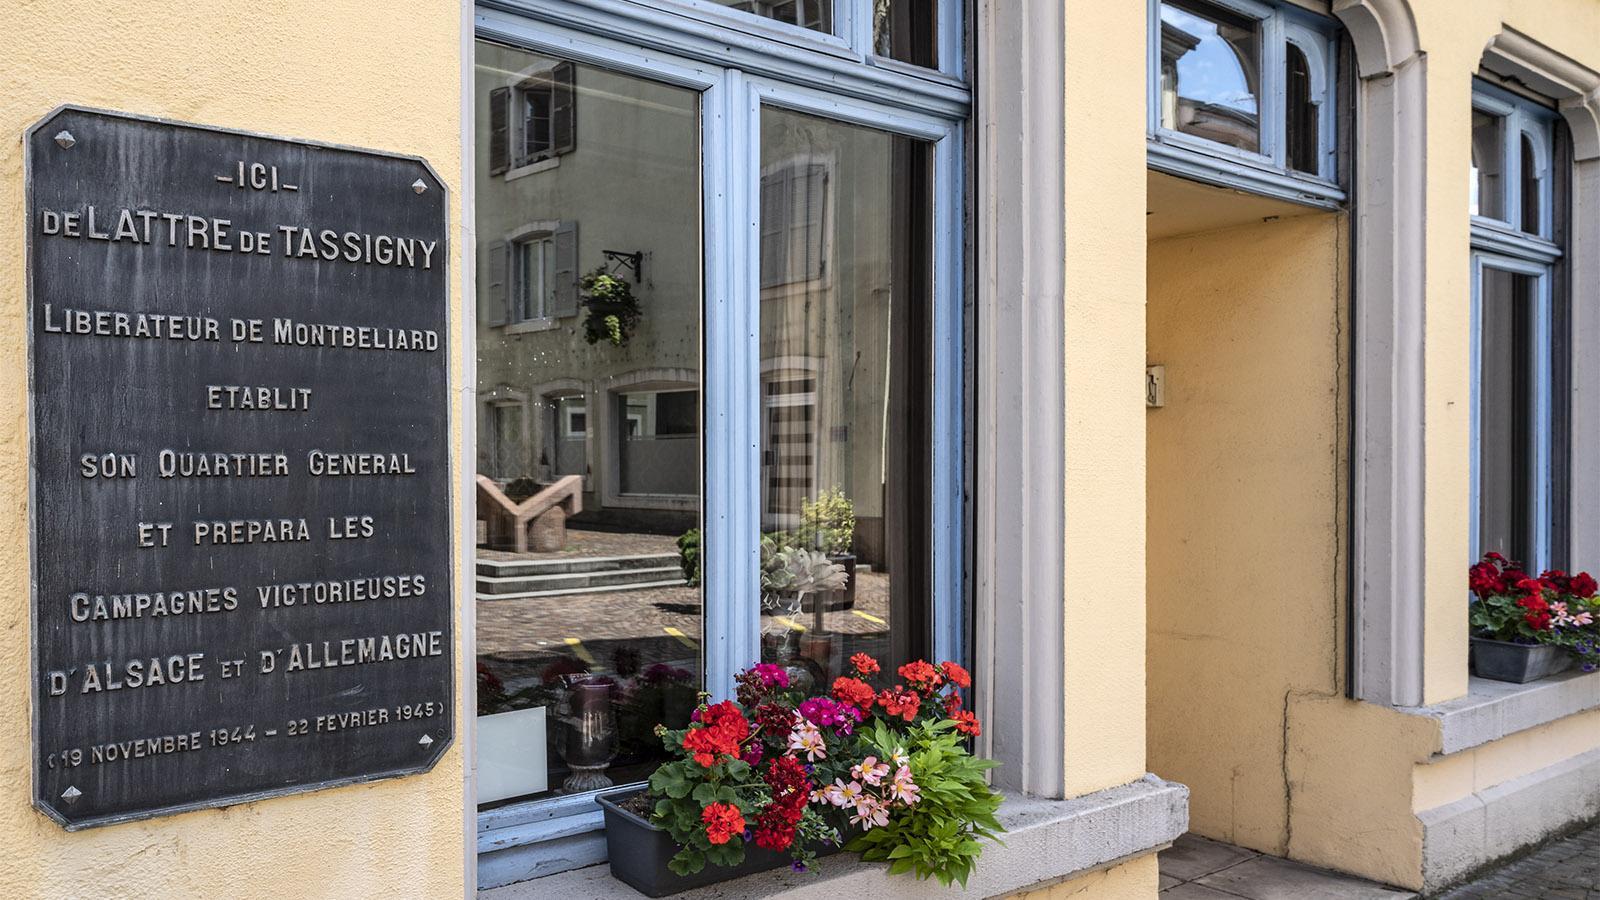 Auch Lattre de Tassigny, der Befreier von Montbéliard, logierte im Hôtel La Balance. Foto: Hilke Maunder